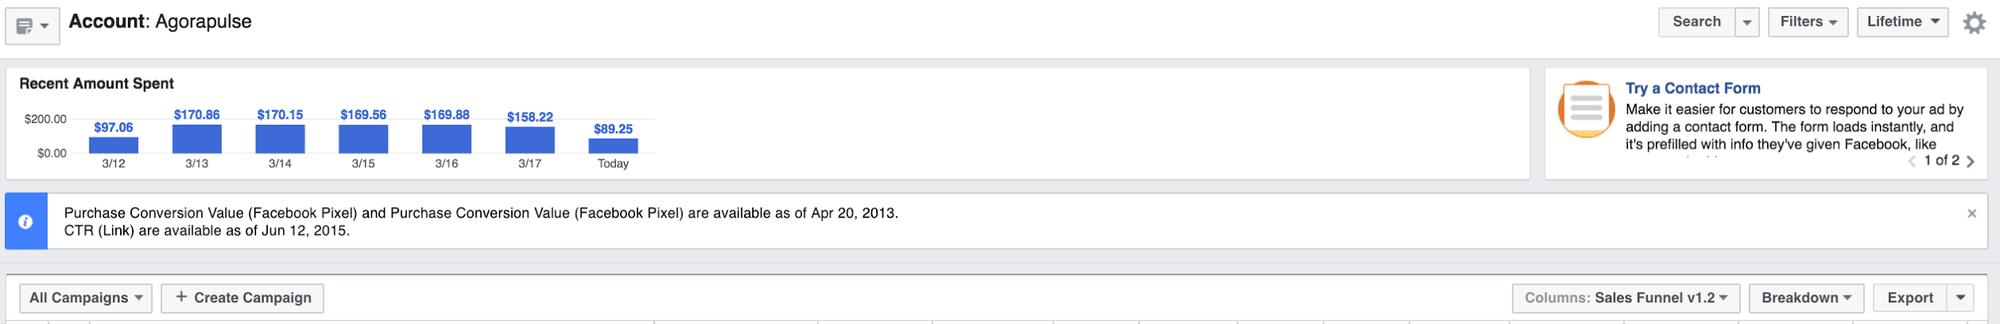 facebook ad spend